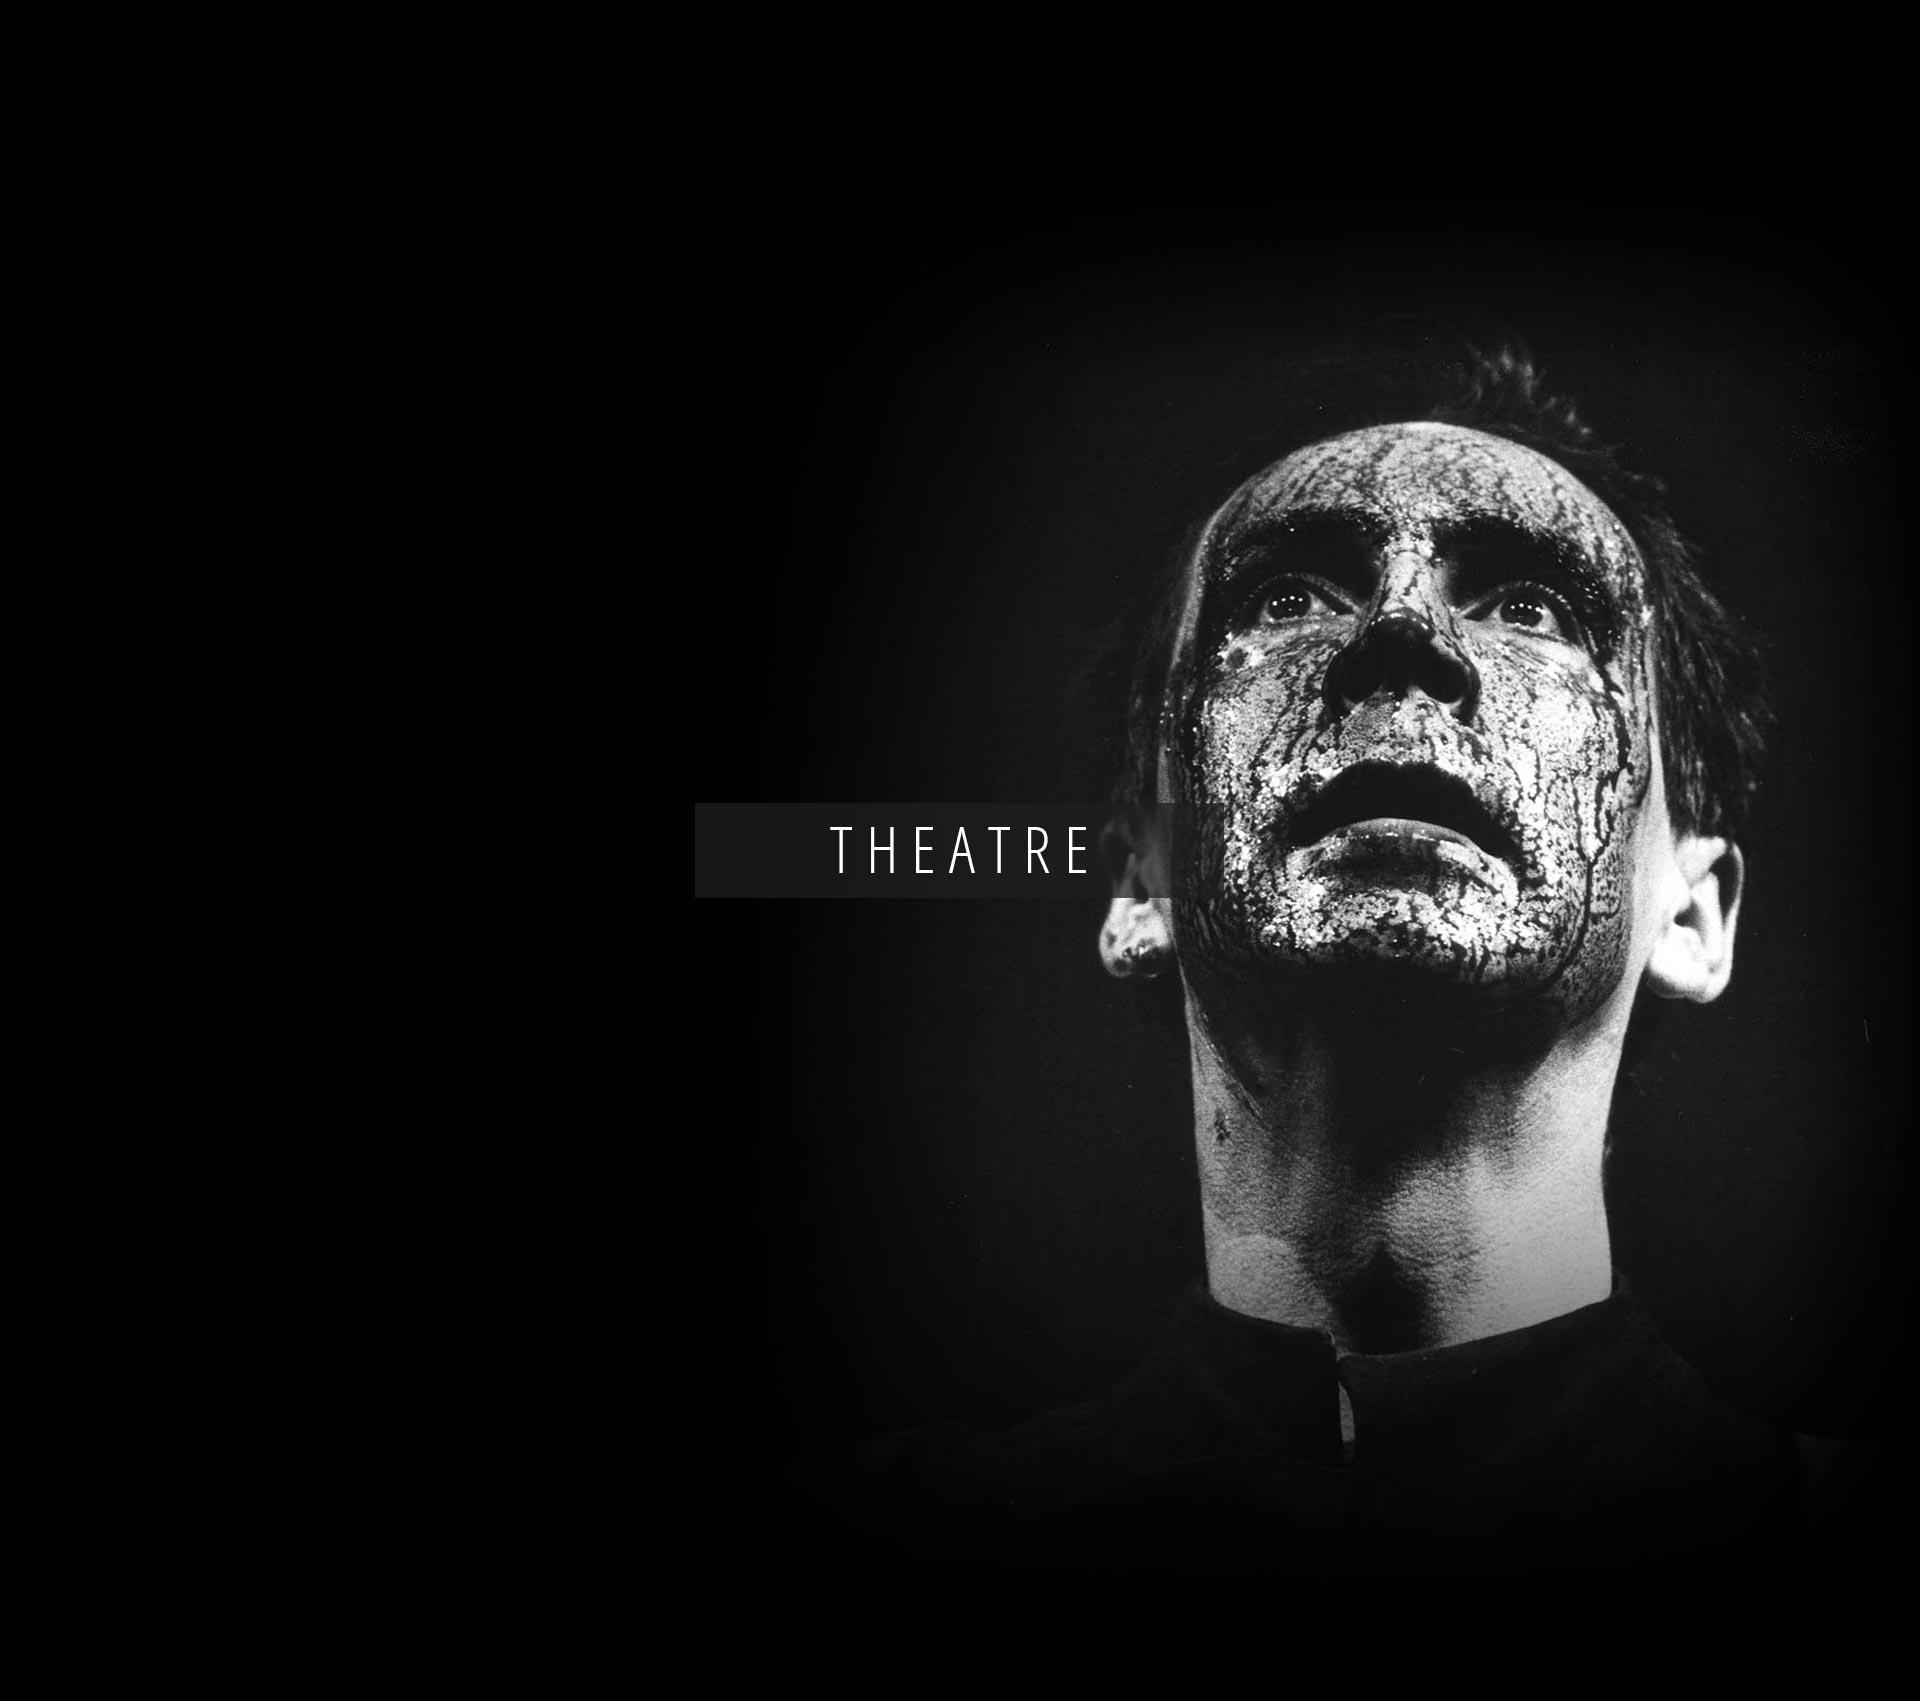 theatre_v2